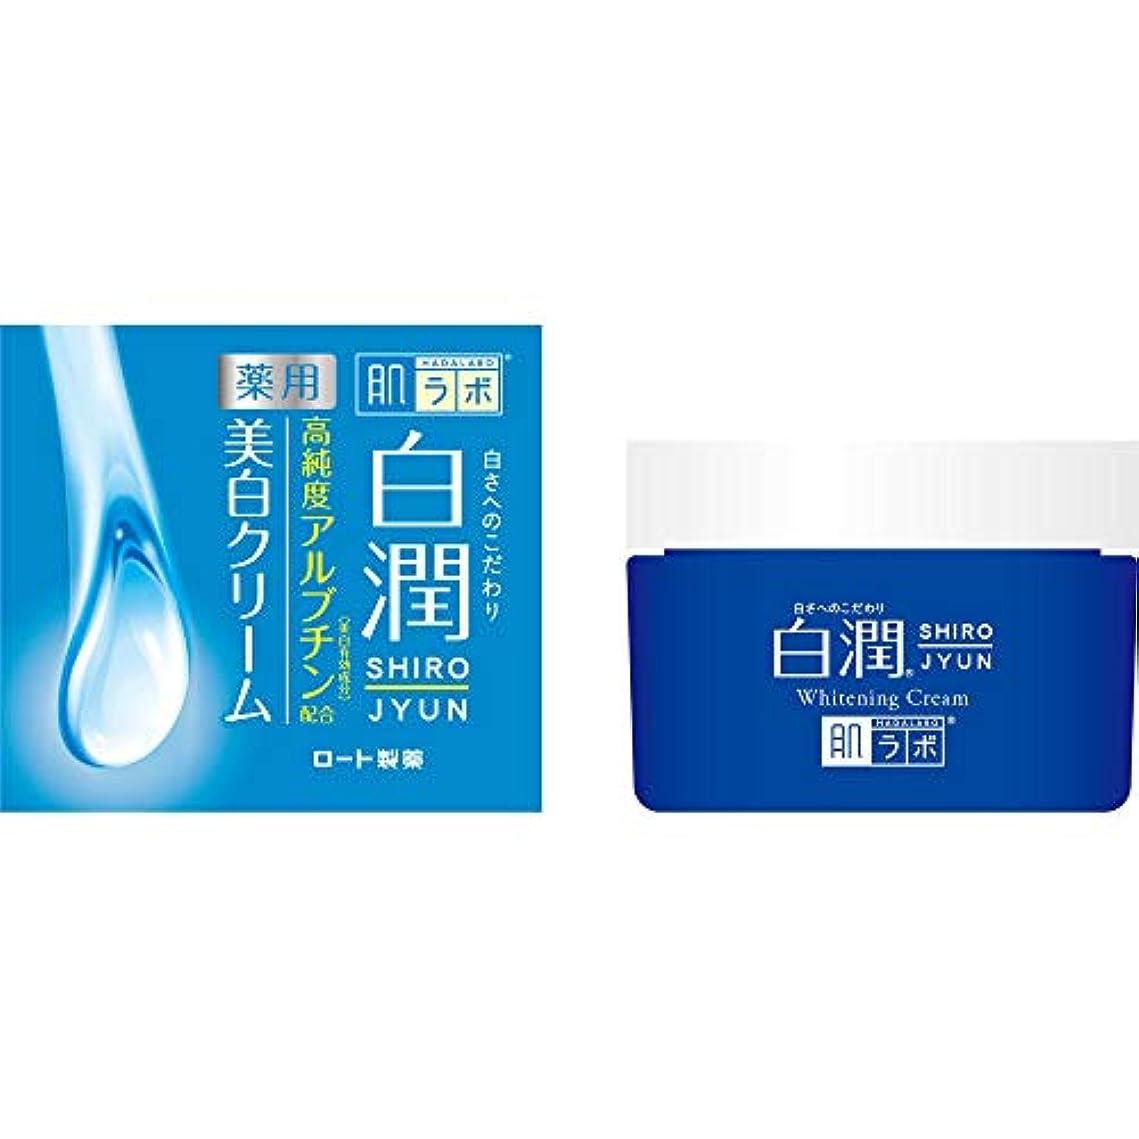 倉庫綺麗な穏やかな肌研(ハダラボ) 白潤 薬用美白クリーム 50g【医薬部外品】